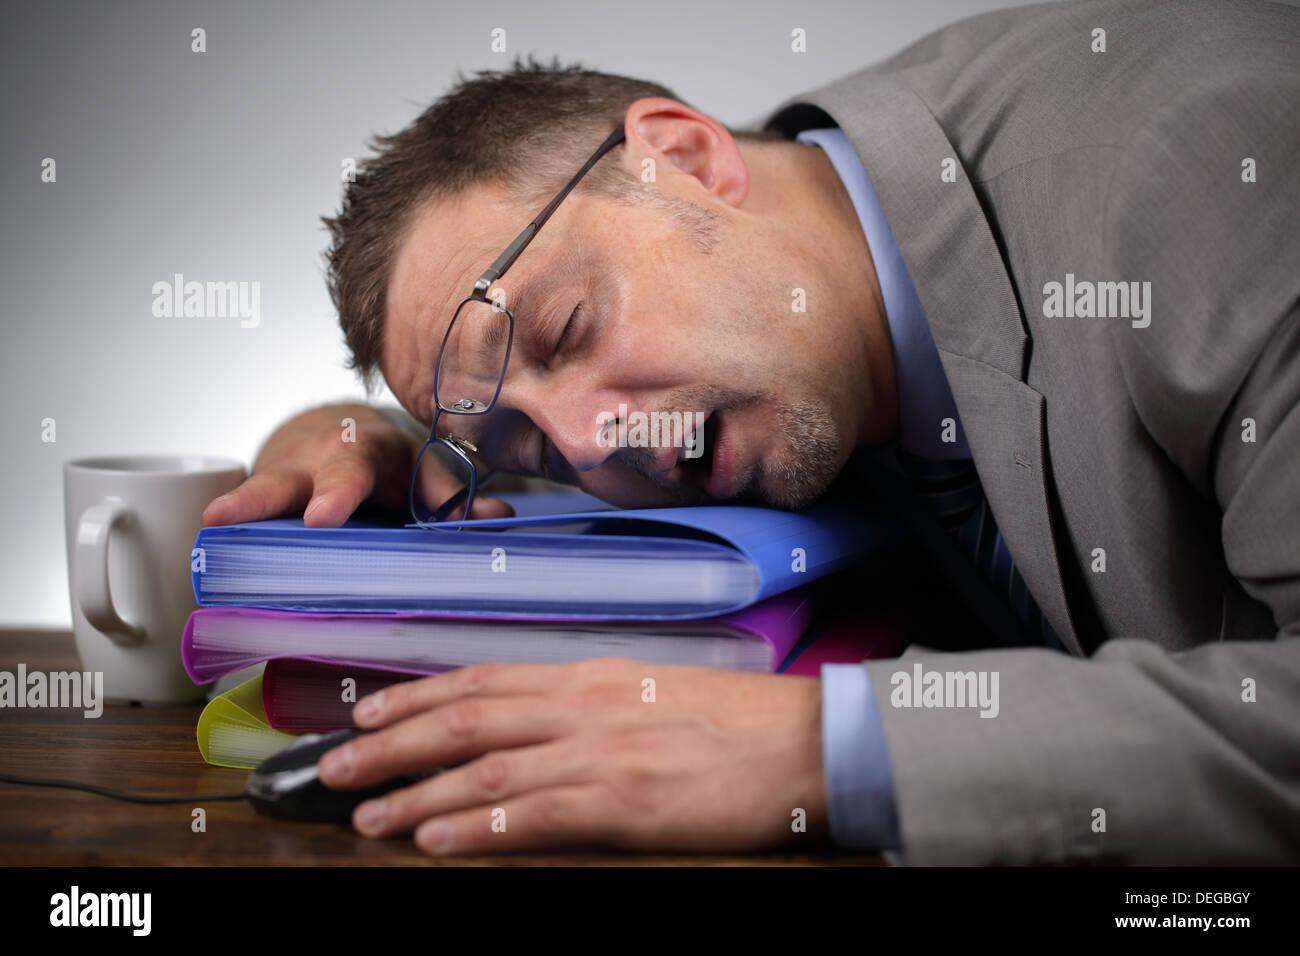 Sleeping on the job - Stock Image